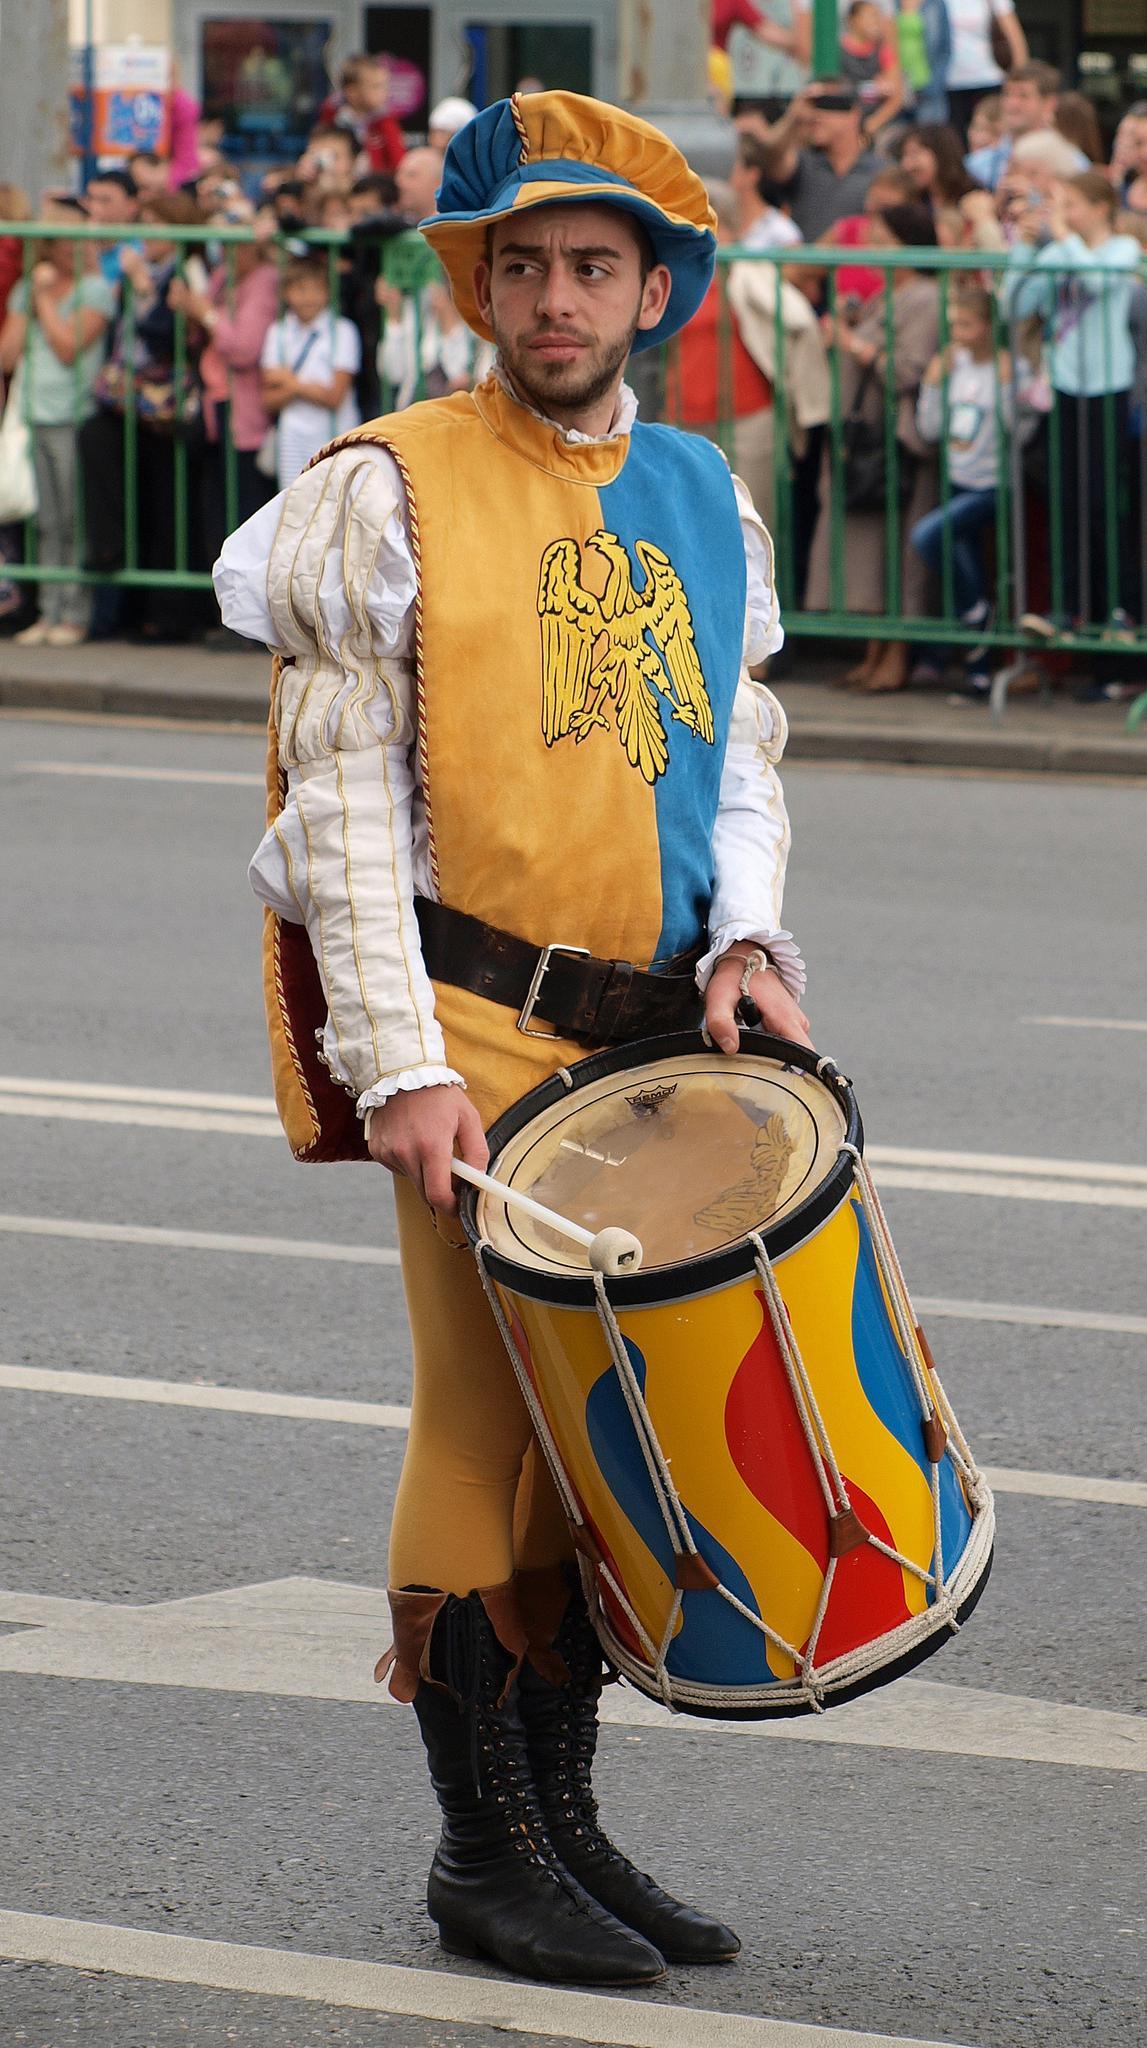 Задумчивый барабанщик. Фотография Малец Михаила Георгиевича